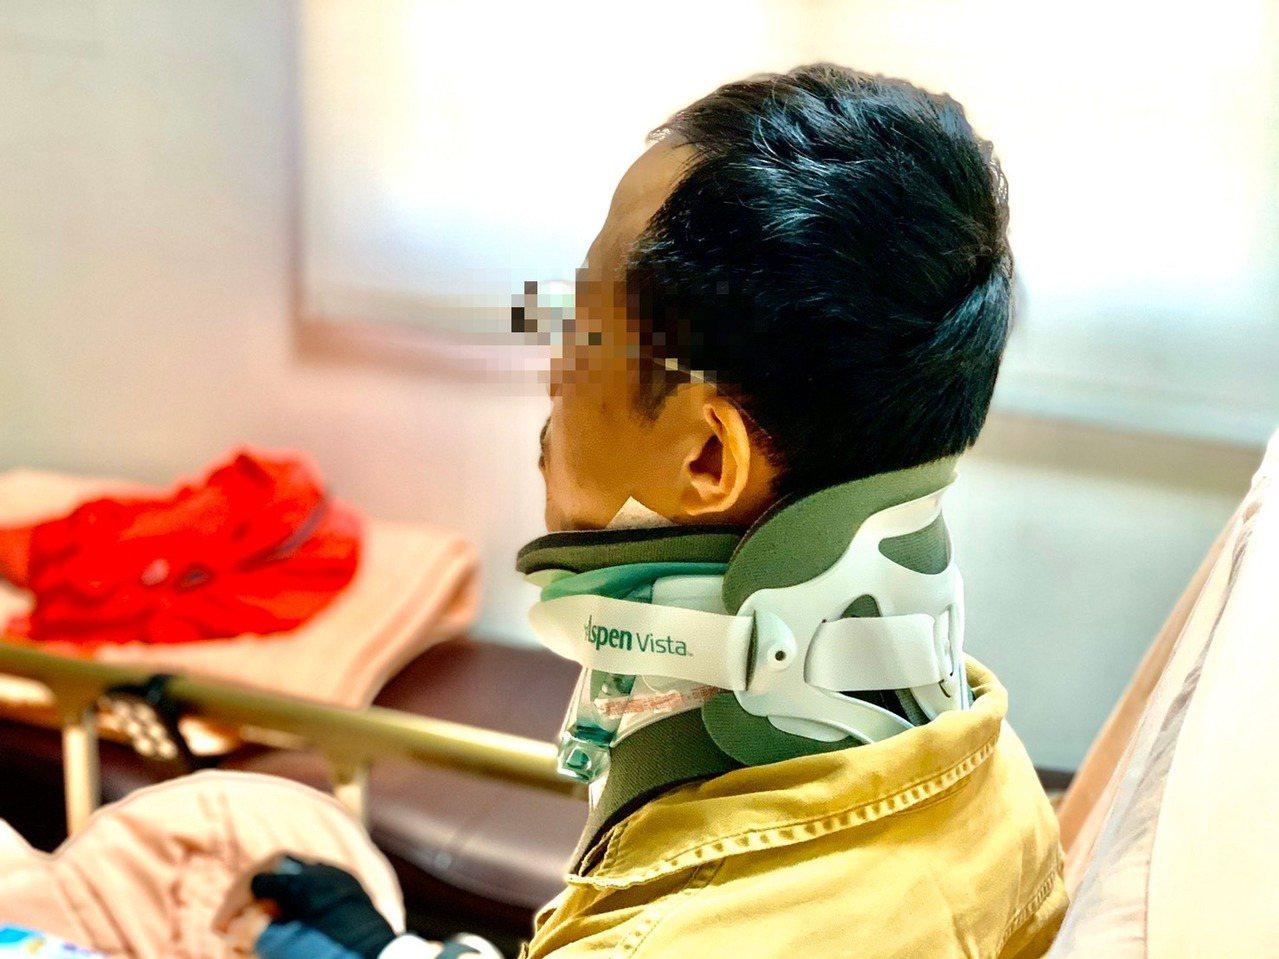 一名愛跑馬的男子騎車摔倒造成頭部重創,竟造成頸椎骨折及椎間盤突出,警覺性高的他轉...